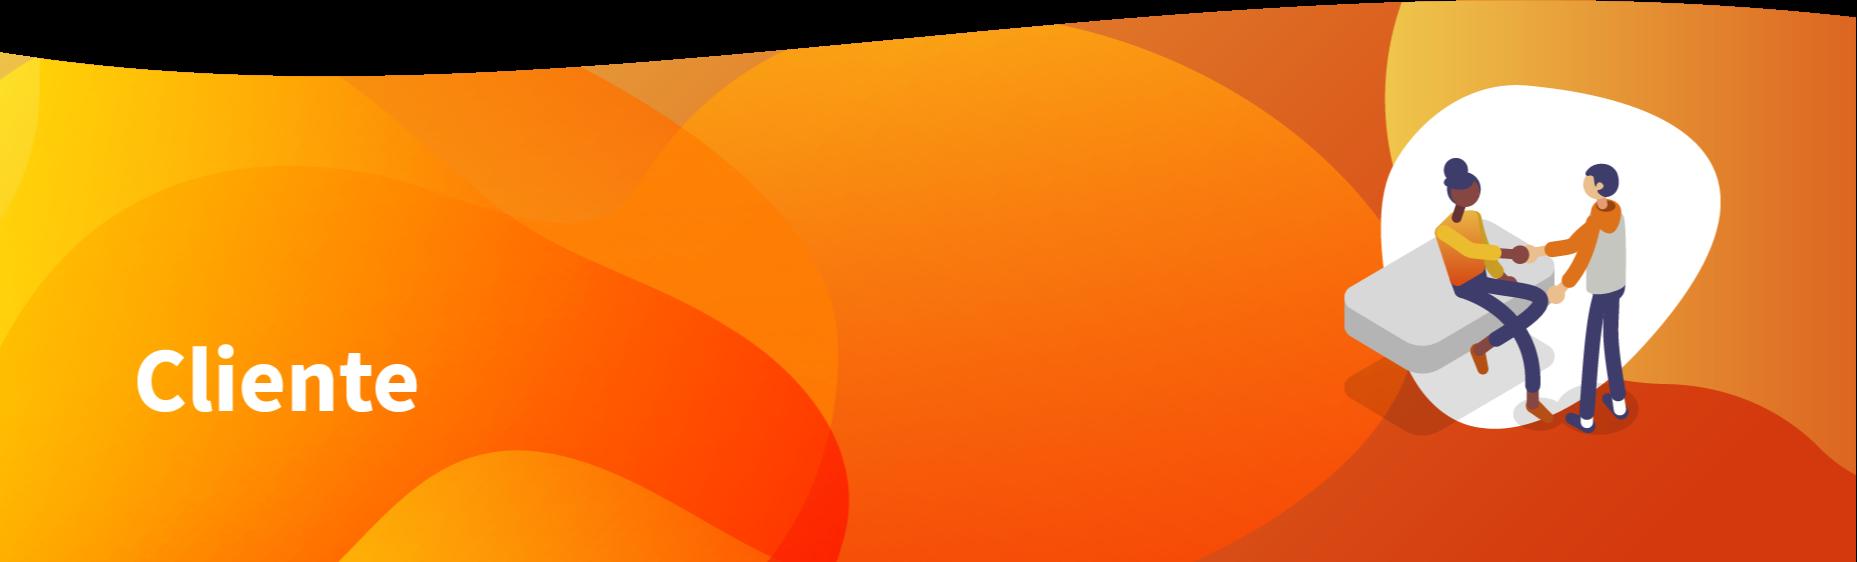 Pessoa Pesquisadora com Usuário | UX Researcher